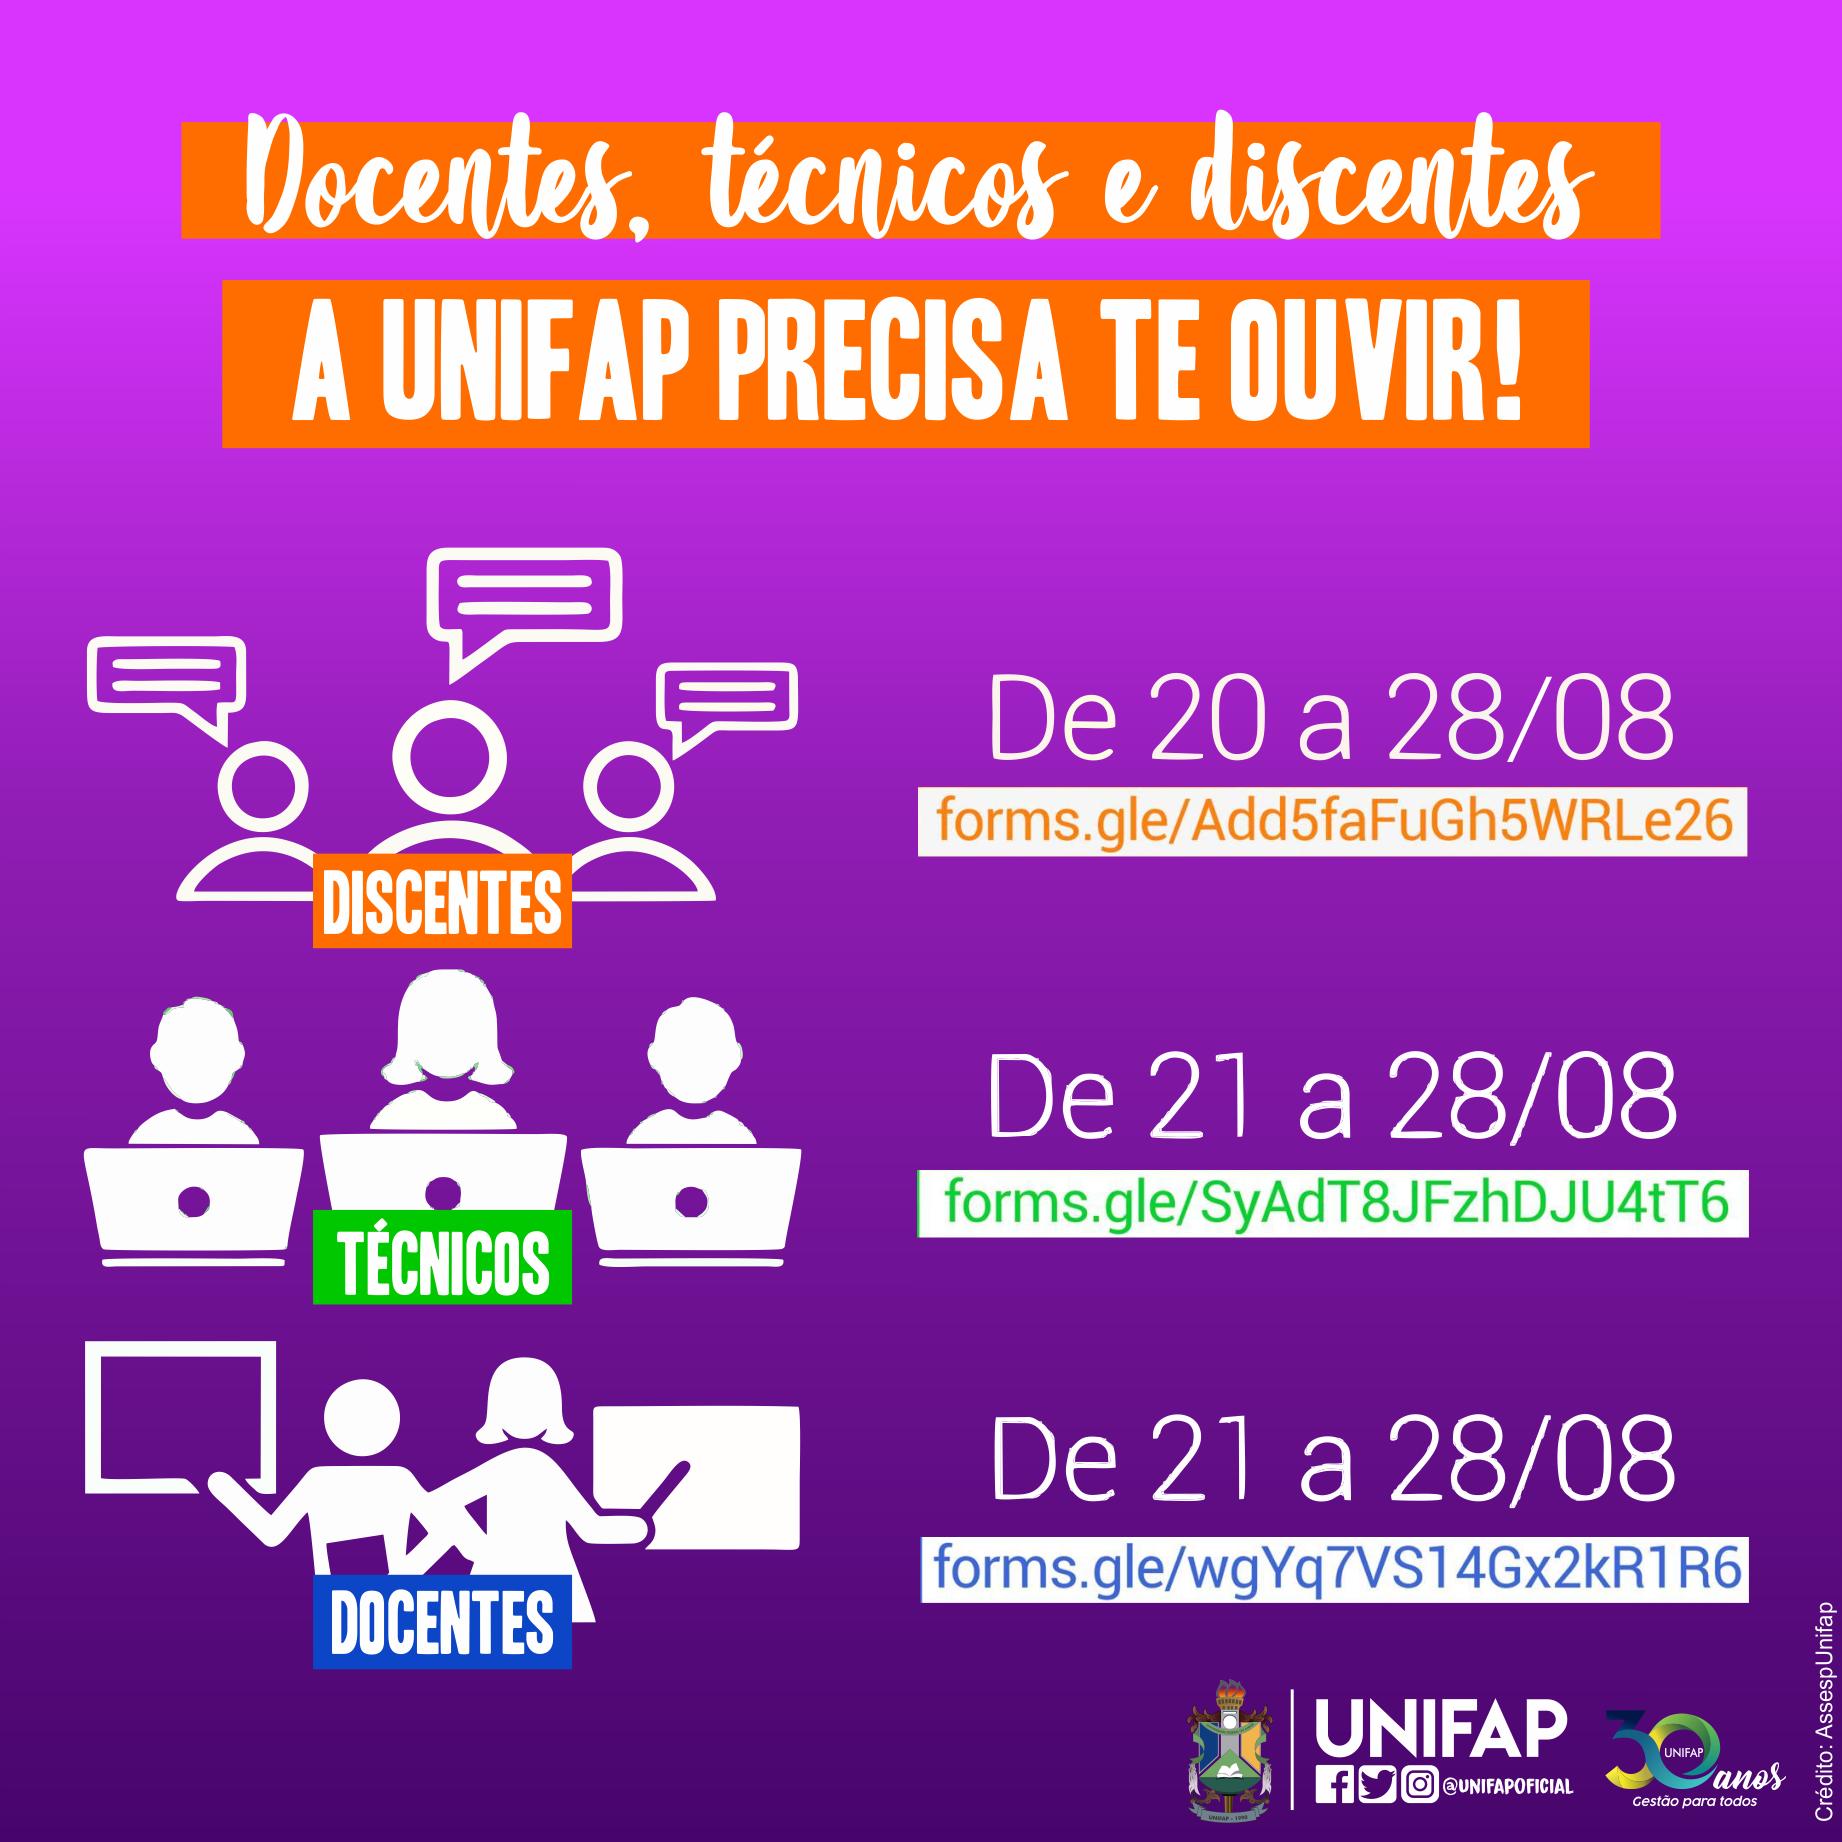 Comissão Especial da UNIFAP lança questionários a acadêmicos, técnicos e docentes